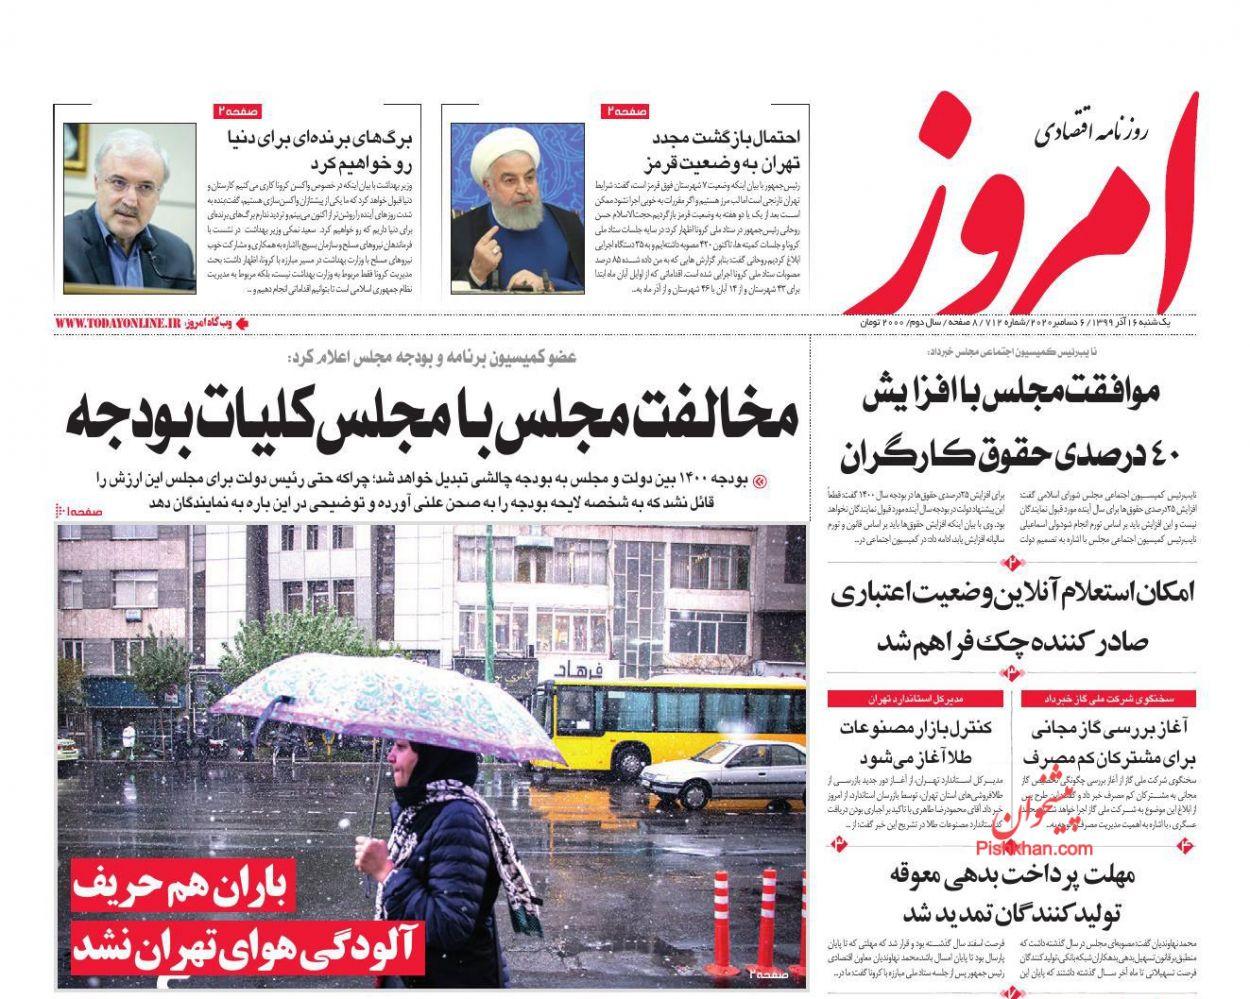 عناوین اخبار روزنامه امروز در روز یکشنبه ۱۶ آذر